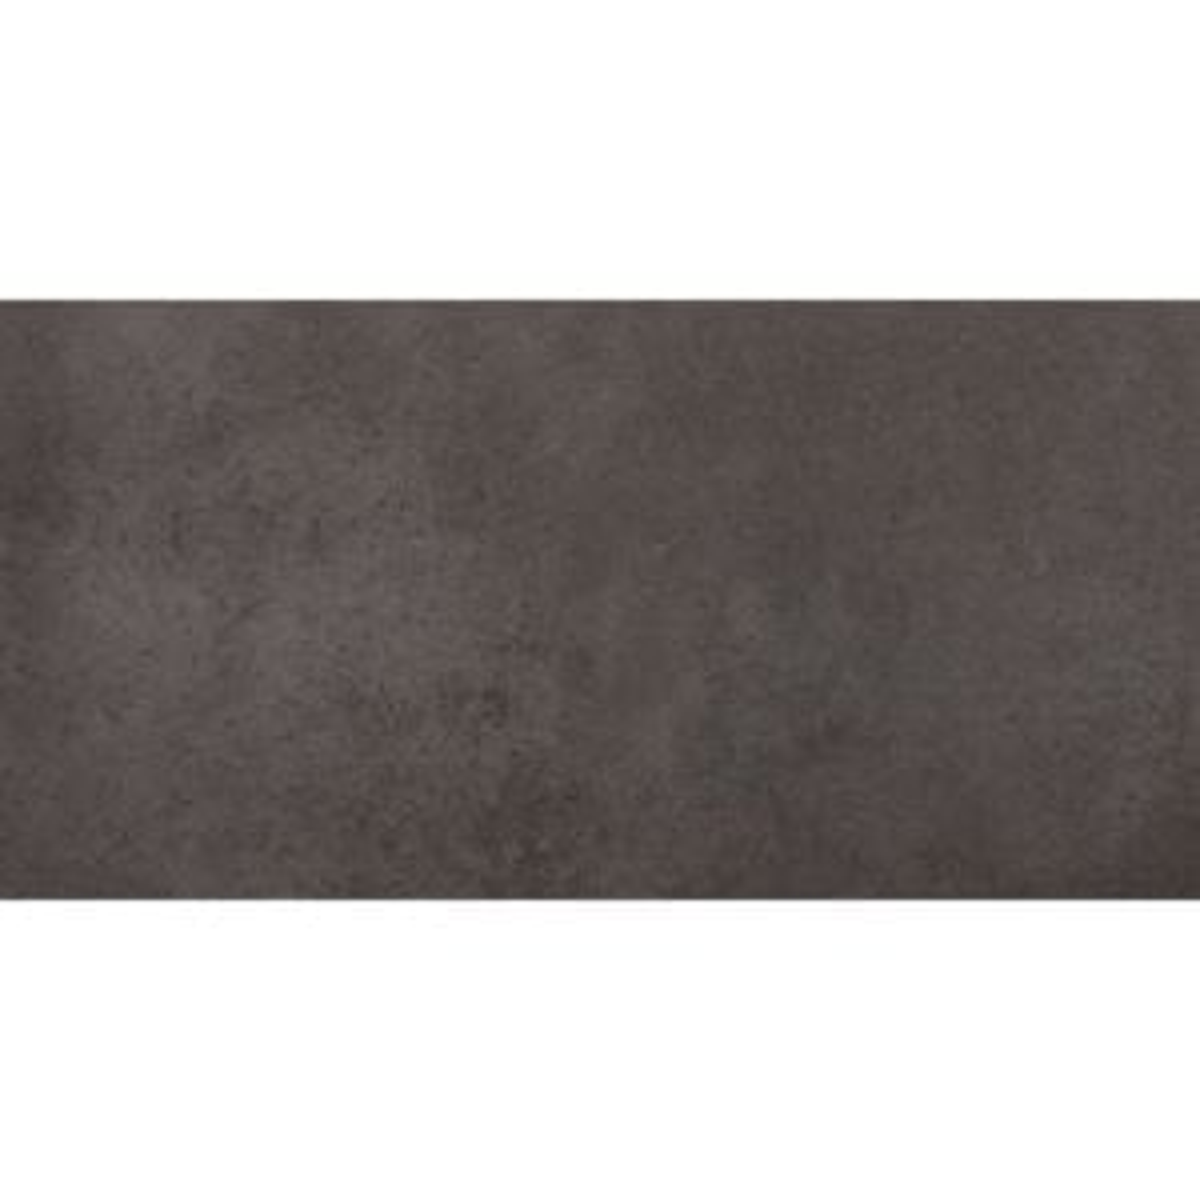 RAK Surface Charcoal Matt Tile 600 x 1200mm